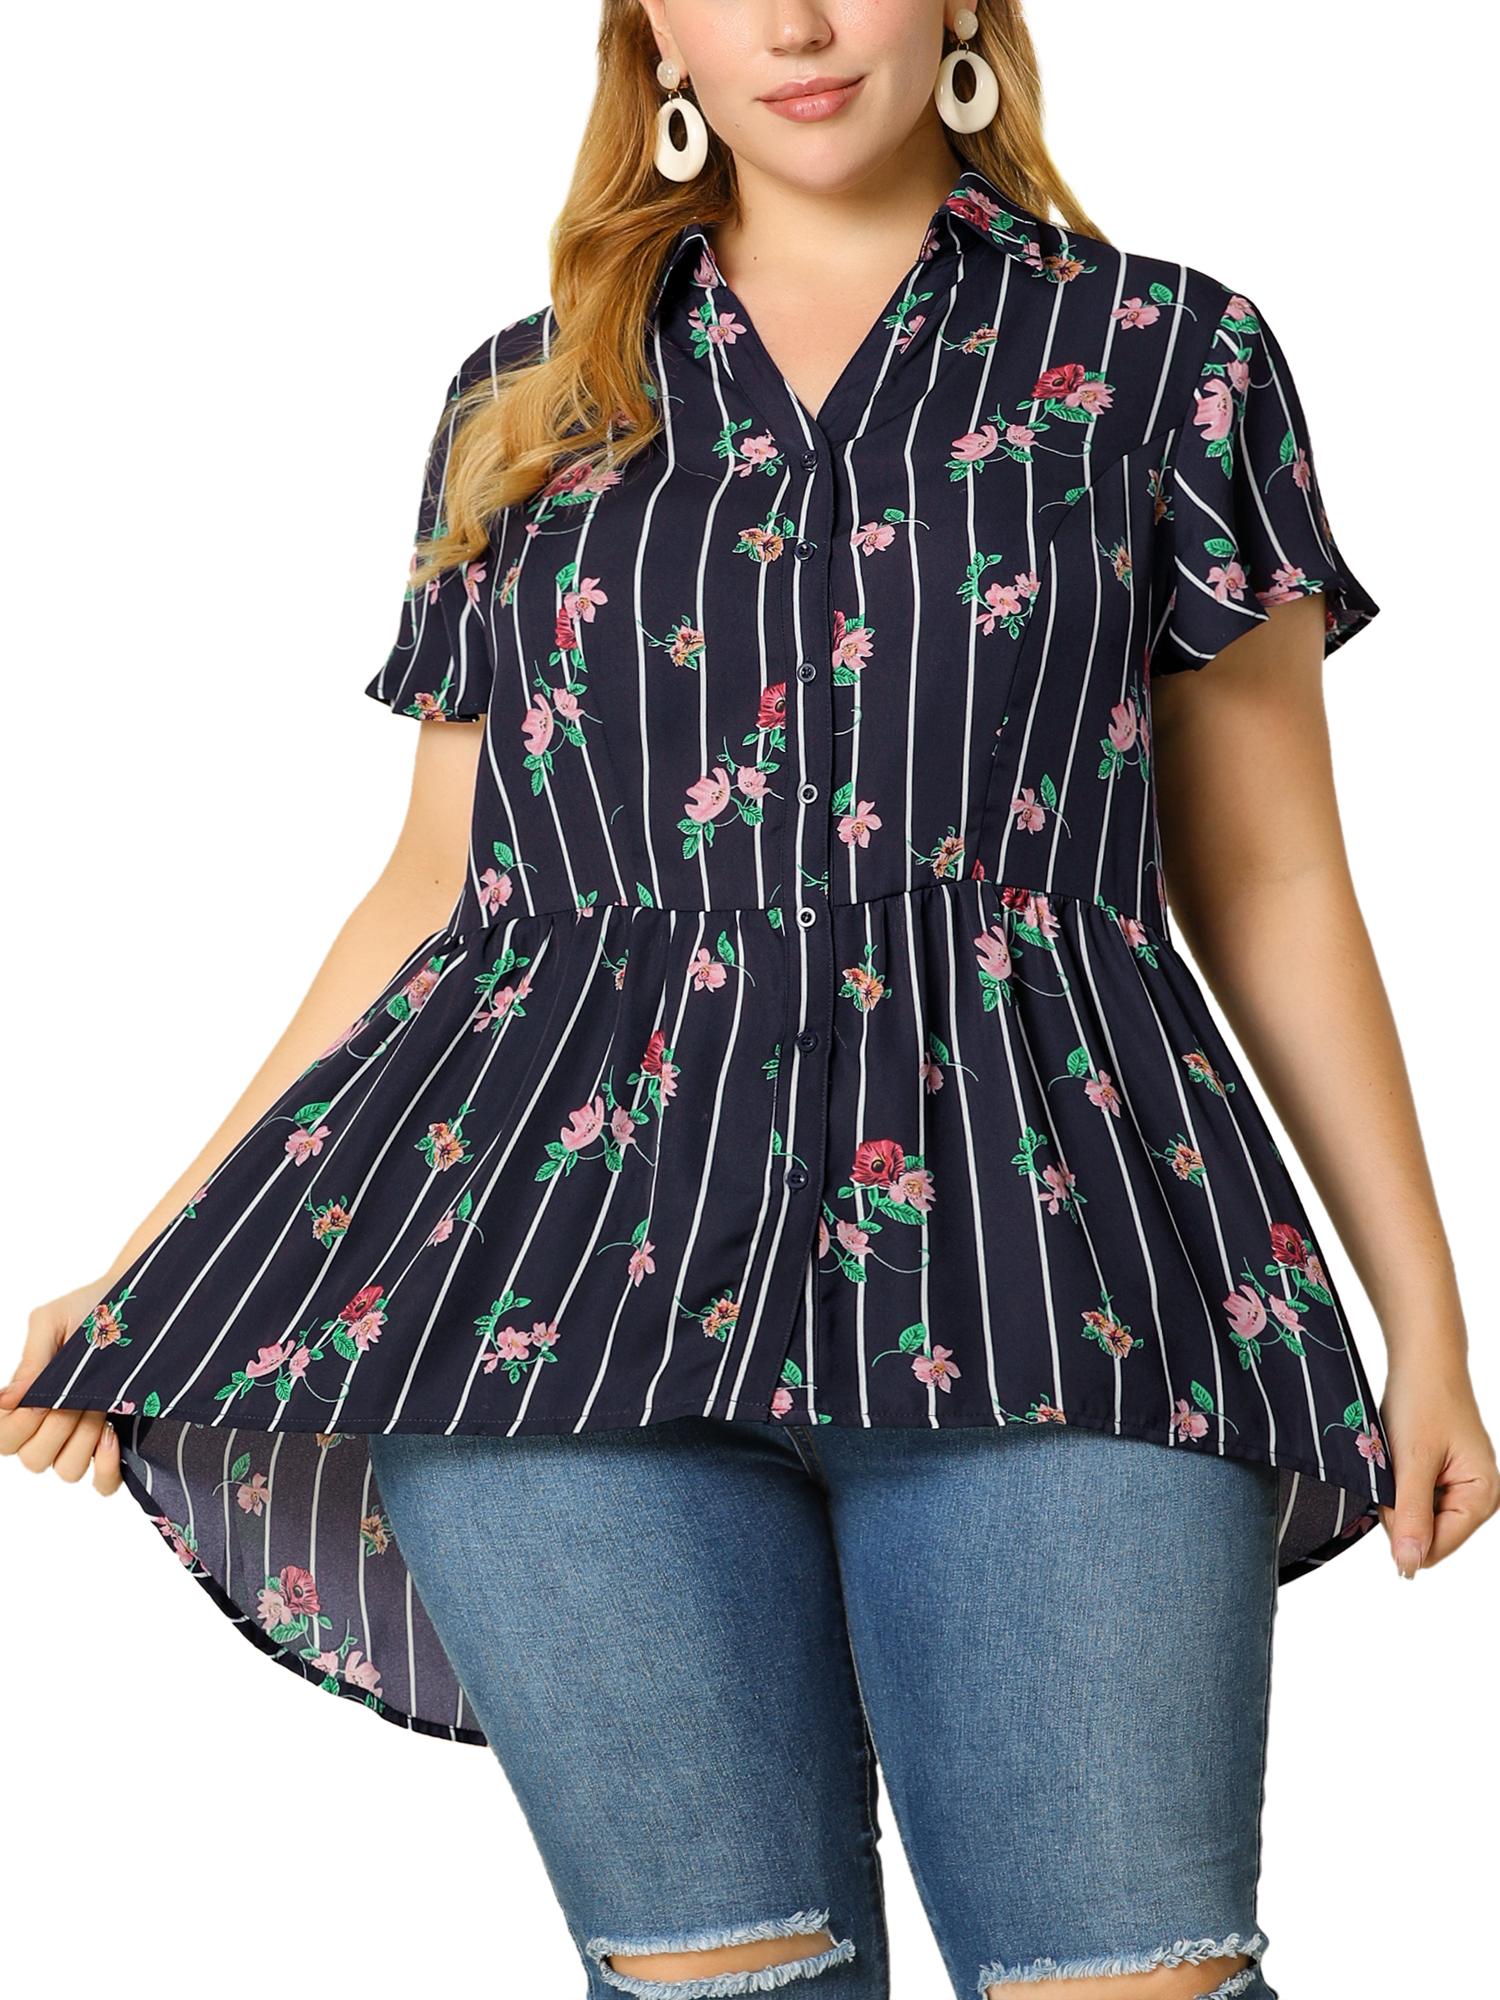 Women's Plus Size Shirt Floral Irregular Hem Chiffon Peplum Blouse Dark Blue 1X